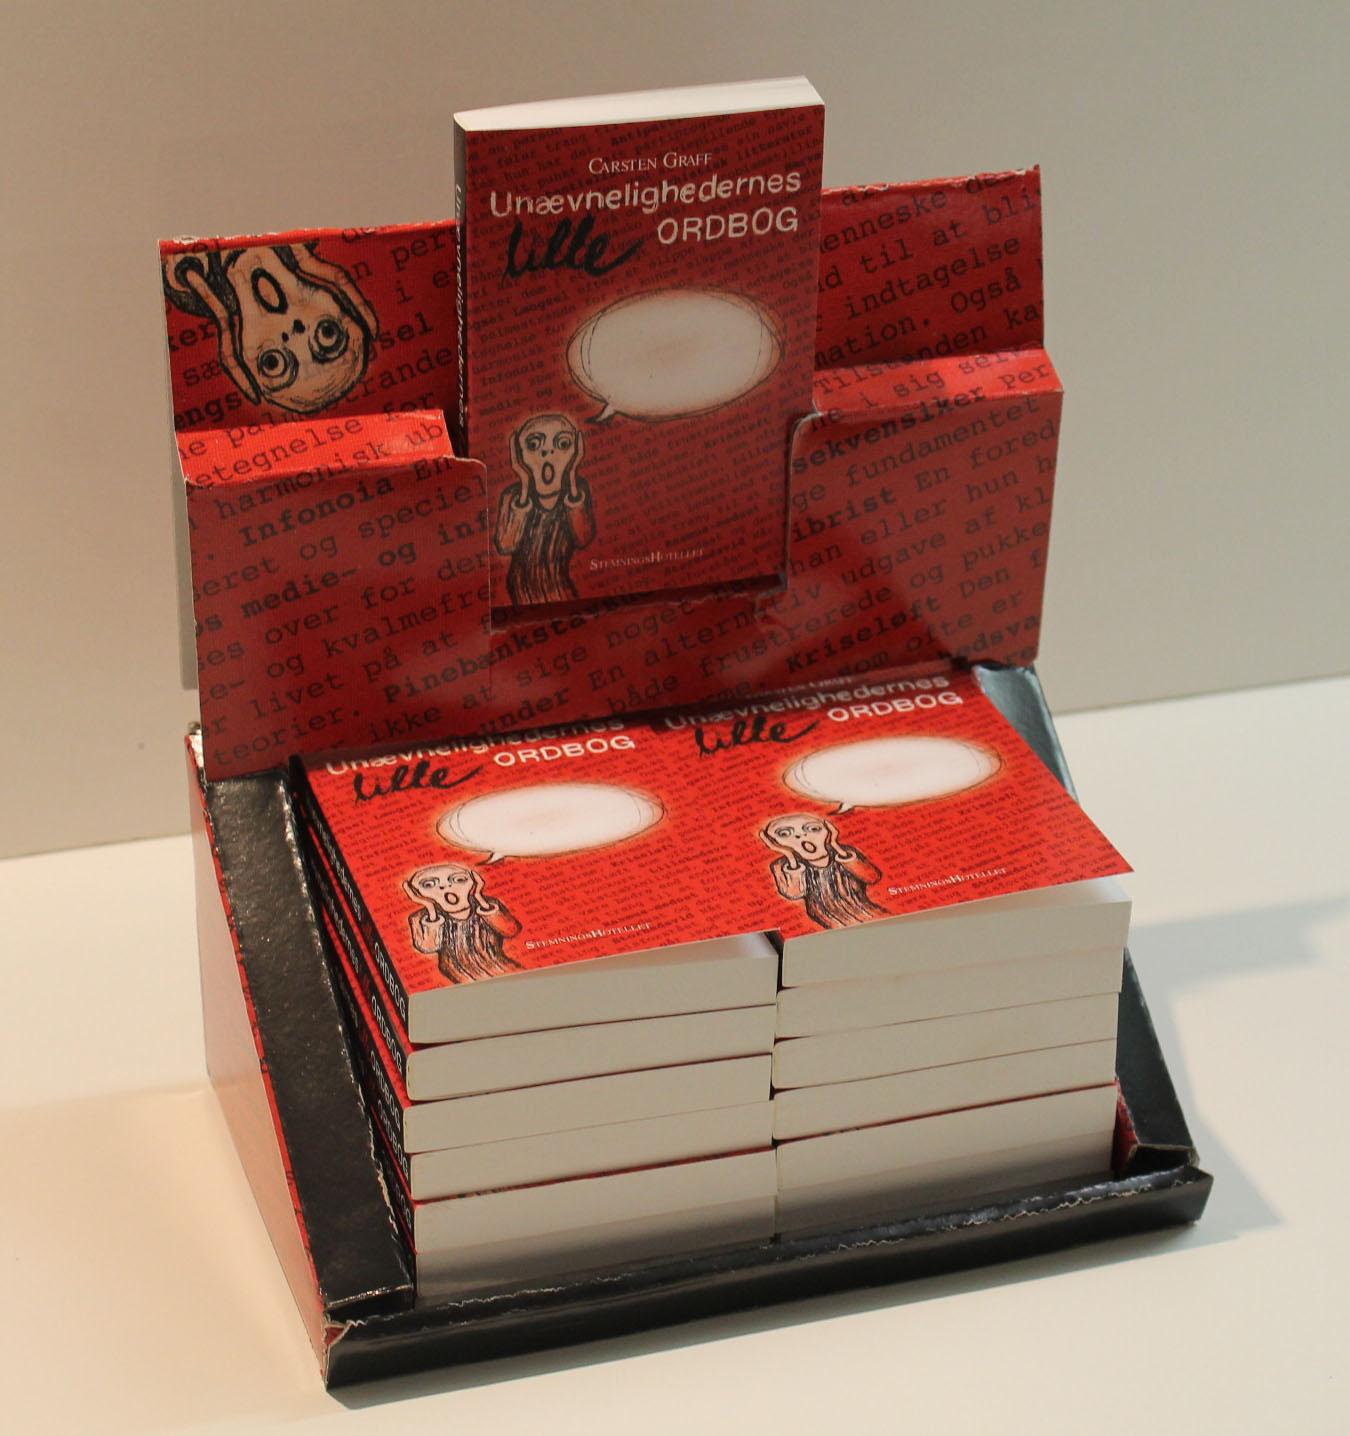 Unævnelighedernes lille ordbog / Display med 16 stk bøger